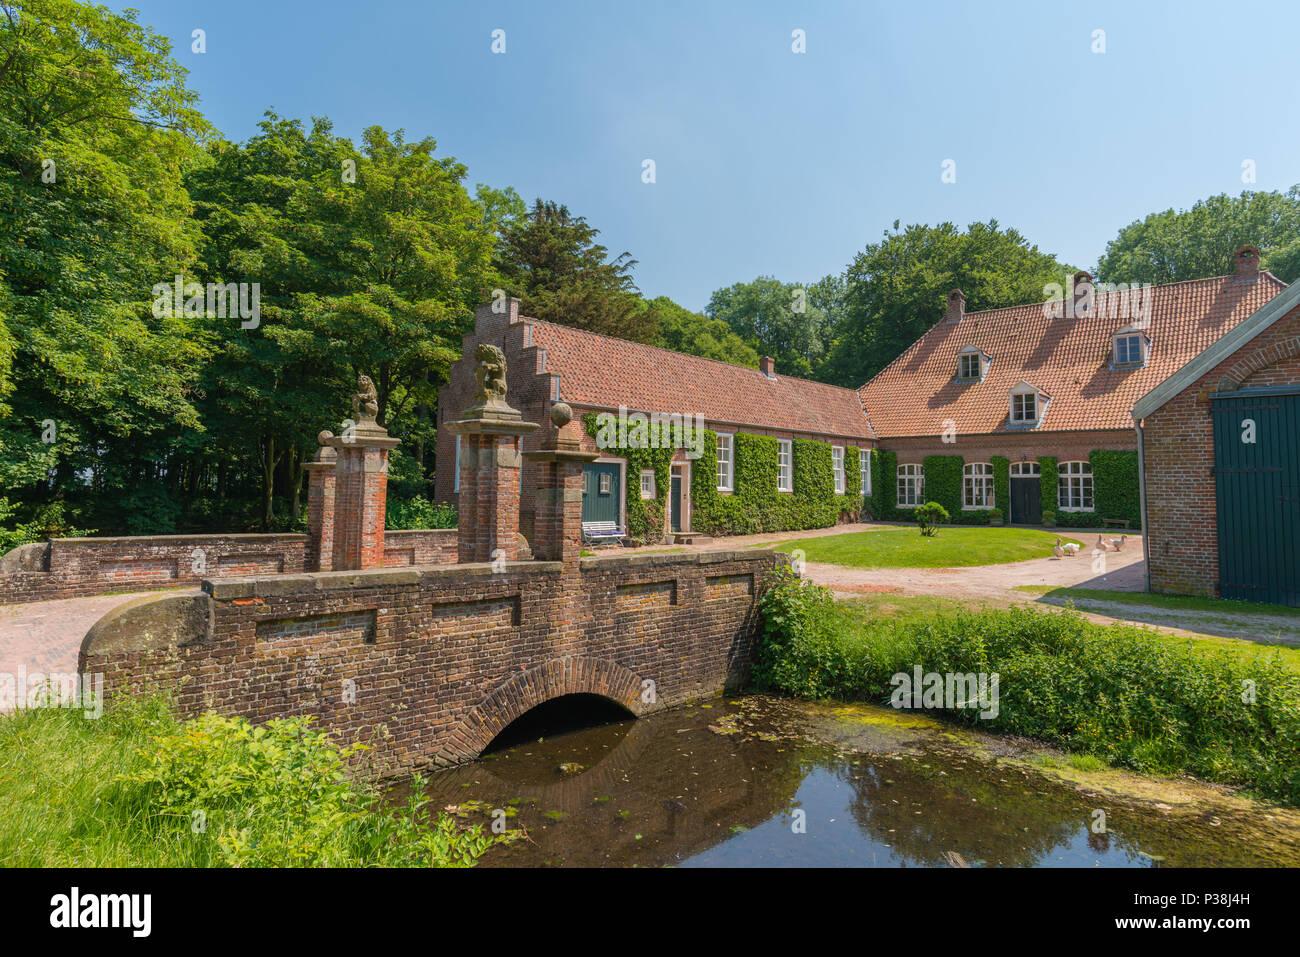 Wasserburg Schloss Preis, dem ehemaligen Sitz eines Ostfriesischen Häuptling, Hinte, Ostfriesland, Niedersachsen, Deutschland Stockbild